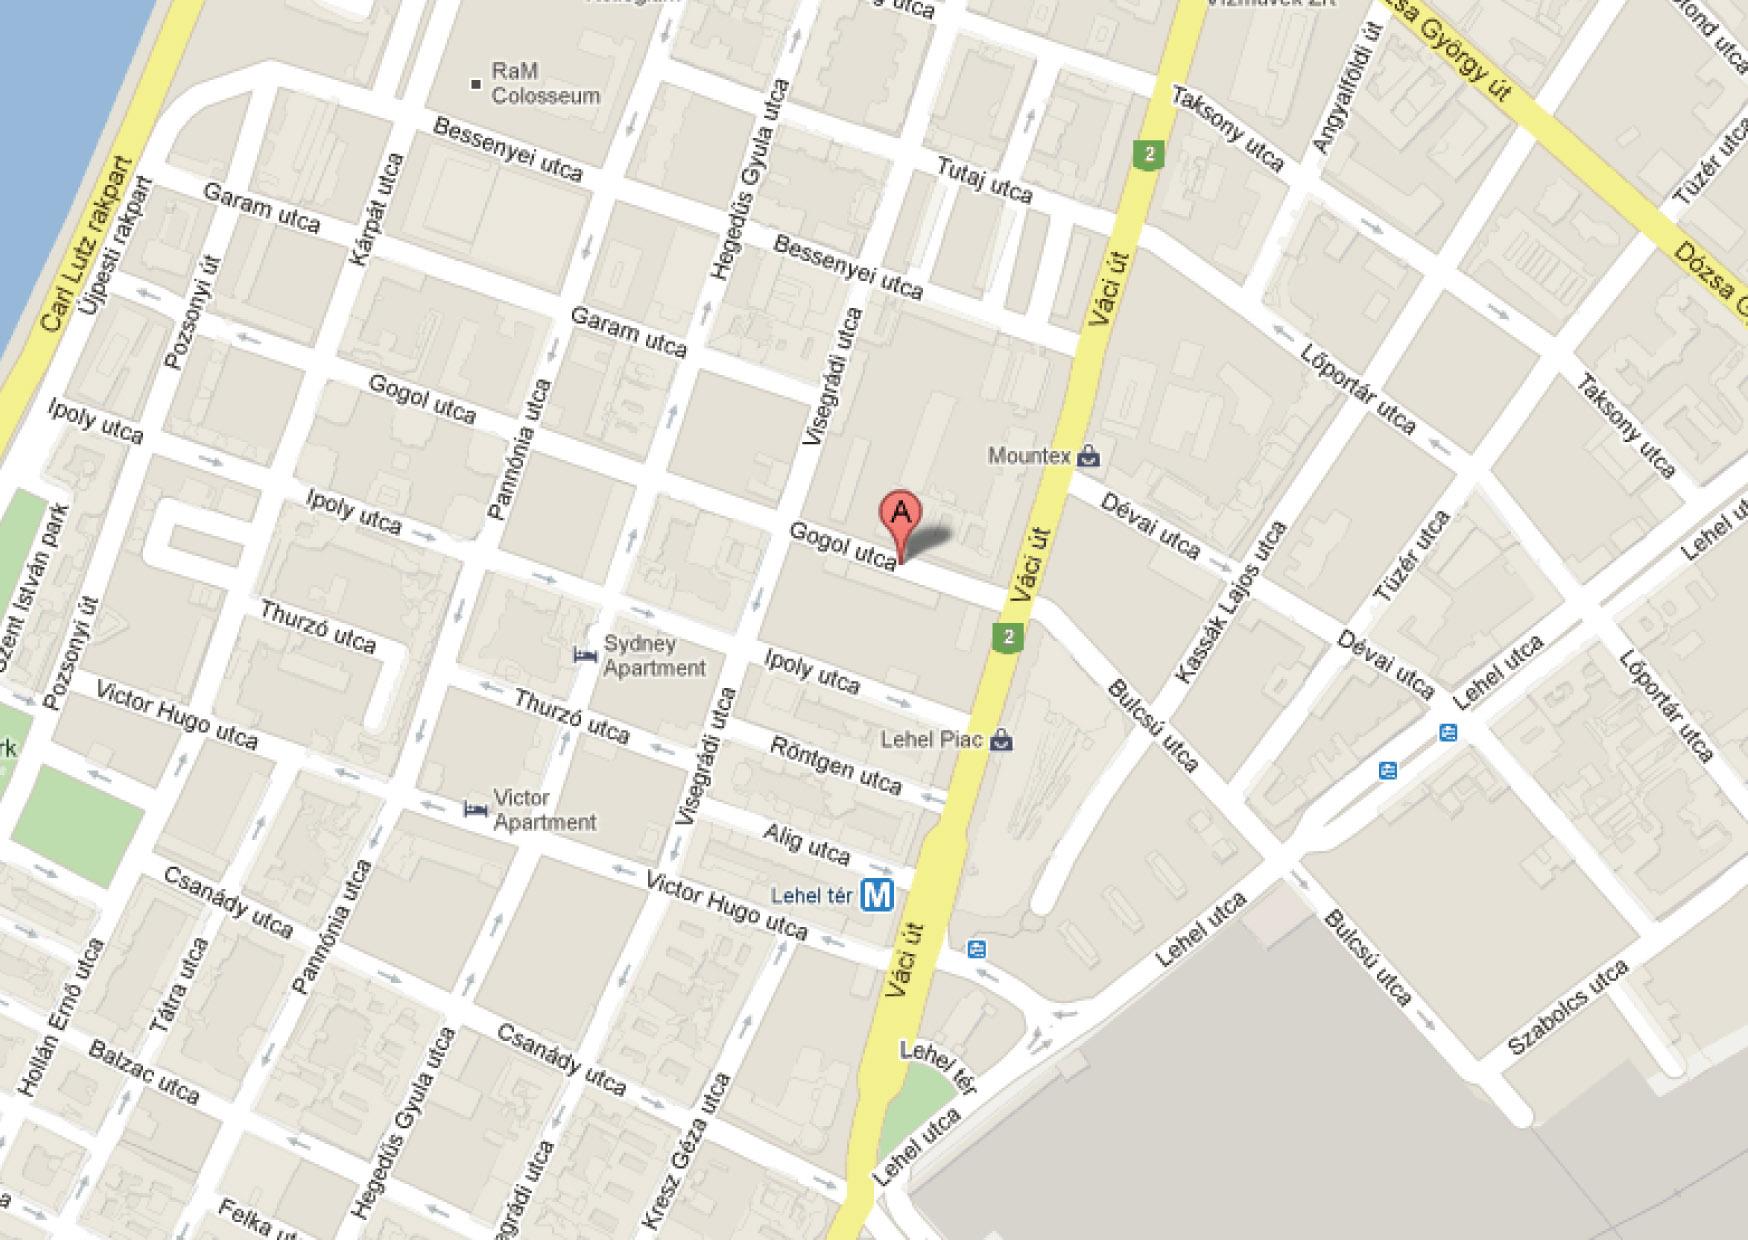 budapest kékgolyó utca térkép Másoló Futár Kft elérhetőségei Budapesten két helyen budapest kékgolyó utca térkép